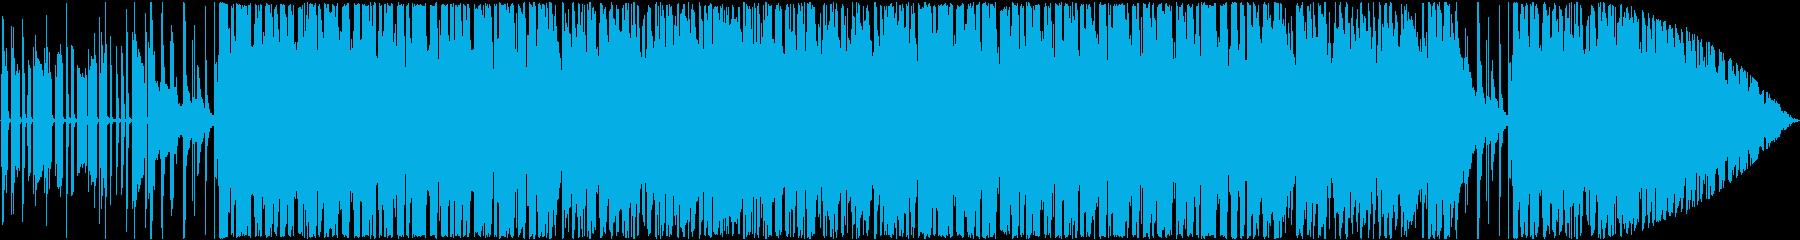 ビブラフォンの音色がエロい速めのJazzの再生済みの波形